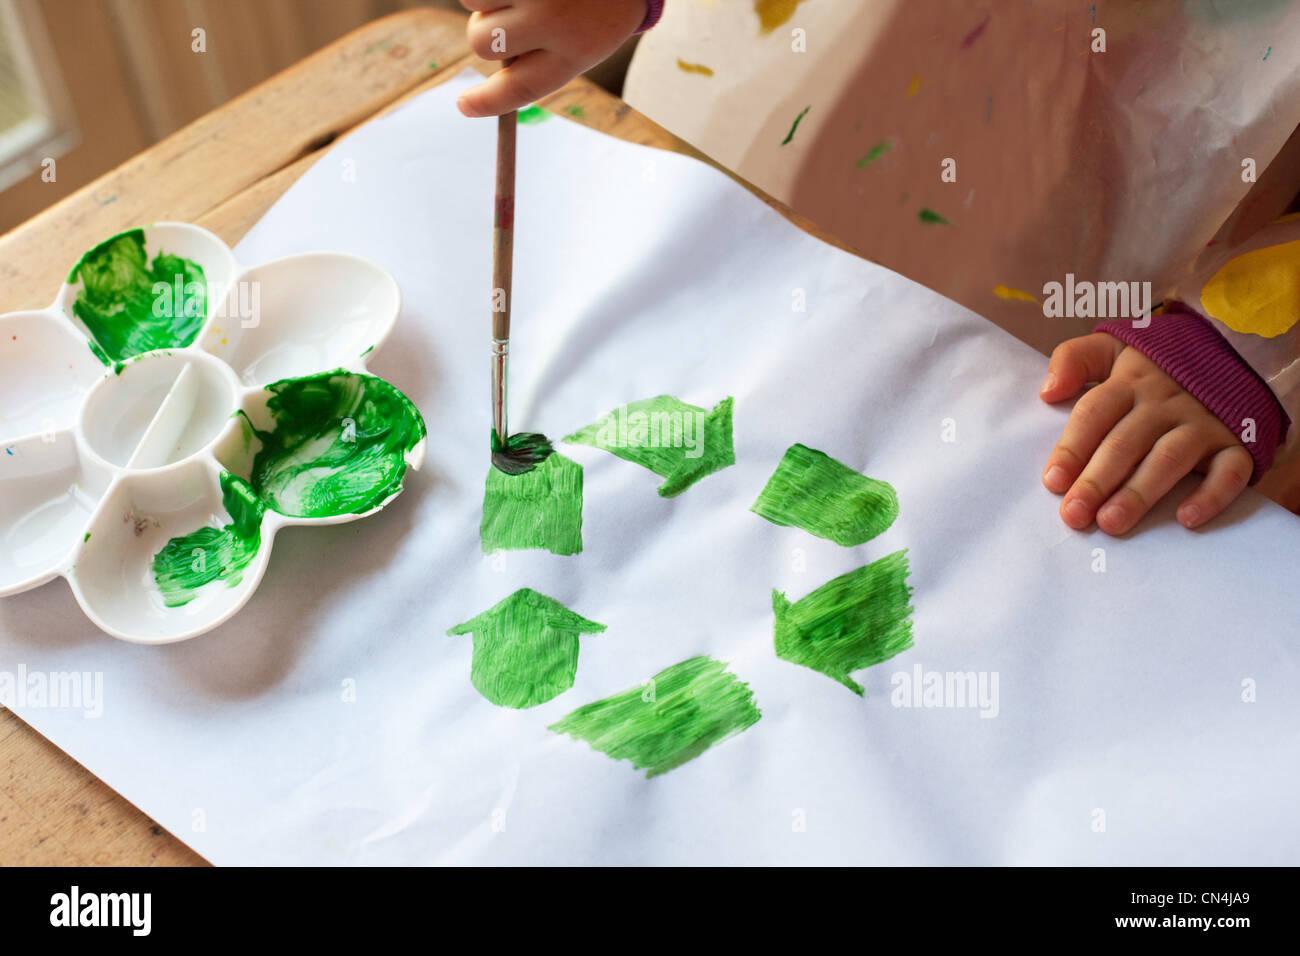 Bambino pittura verde simbolo di riciclaggio Immagini Stock